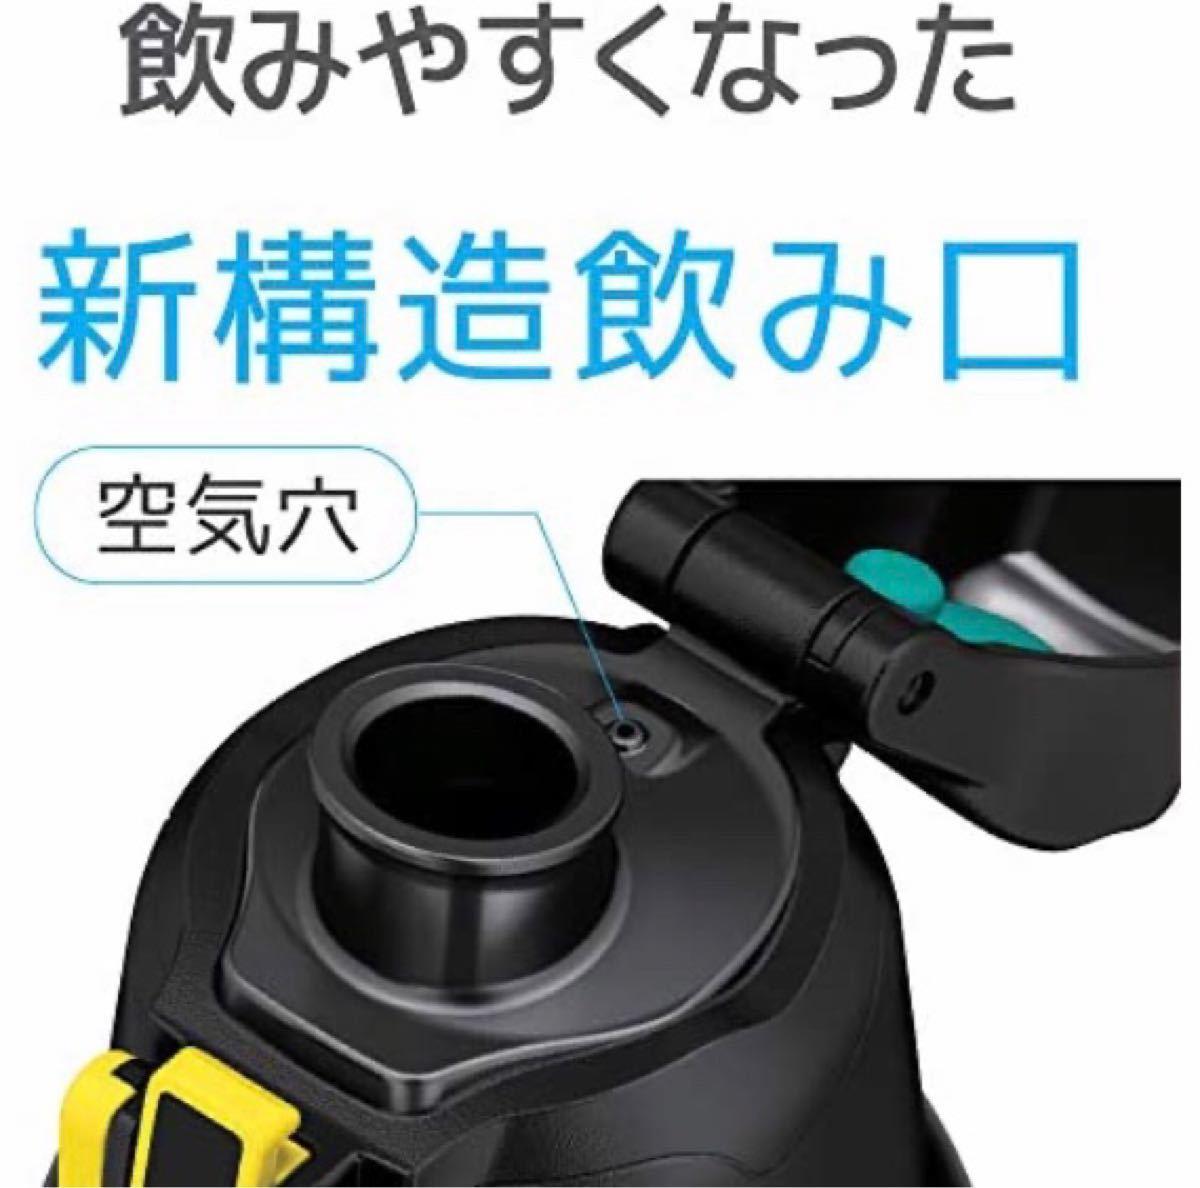 サーモス 水筒 真空断熱スポーツボトル 0.8L FHT-800F BK-C